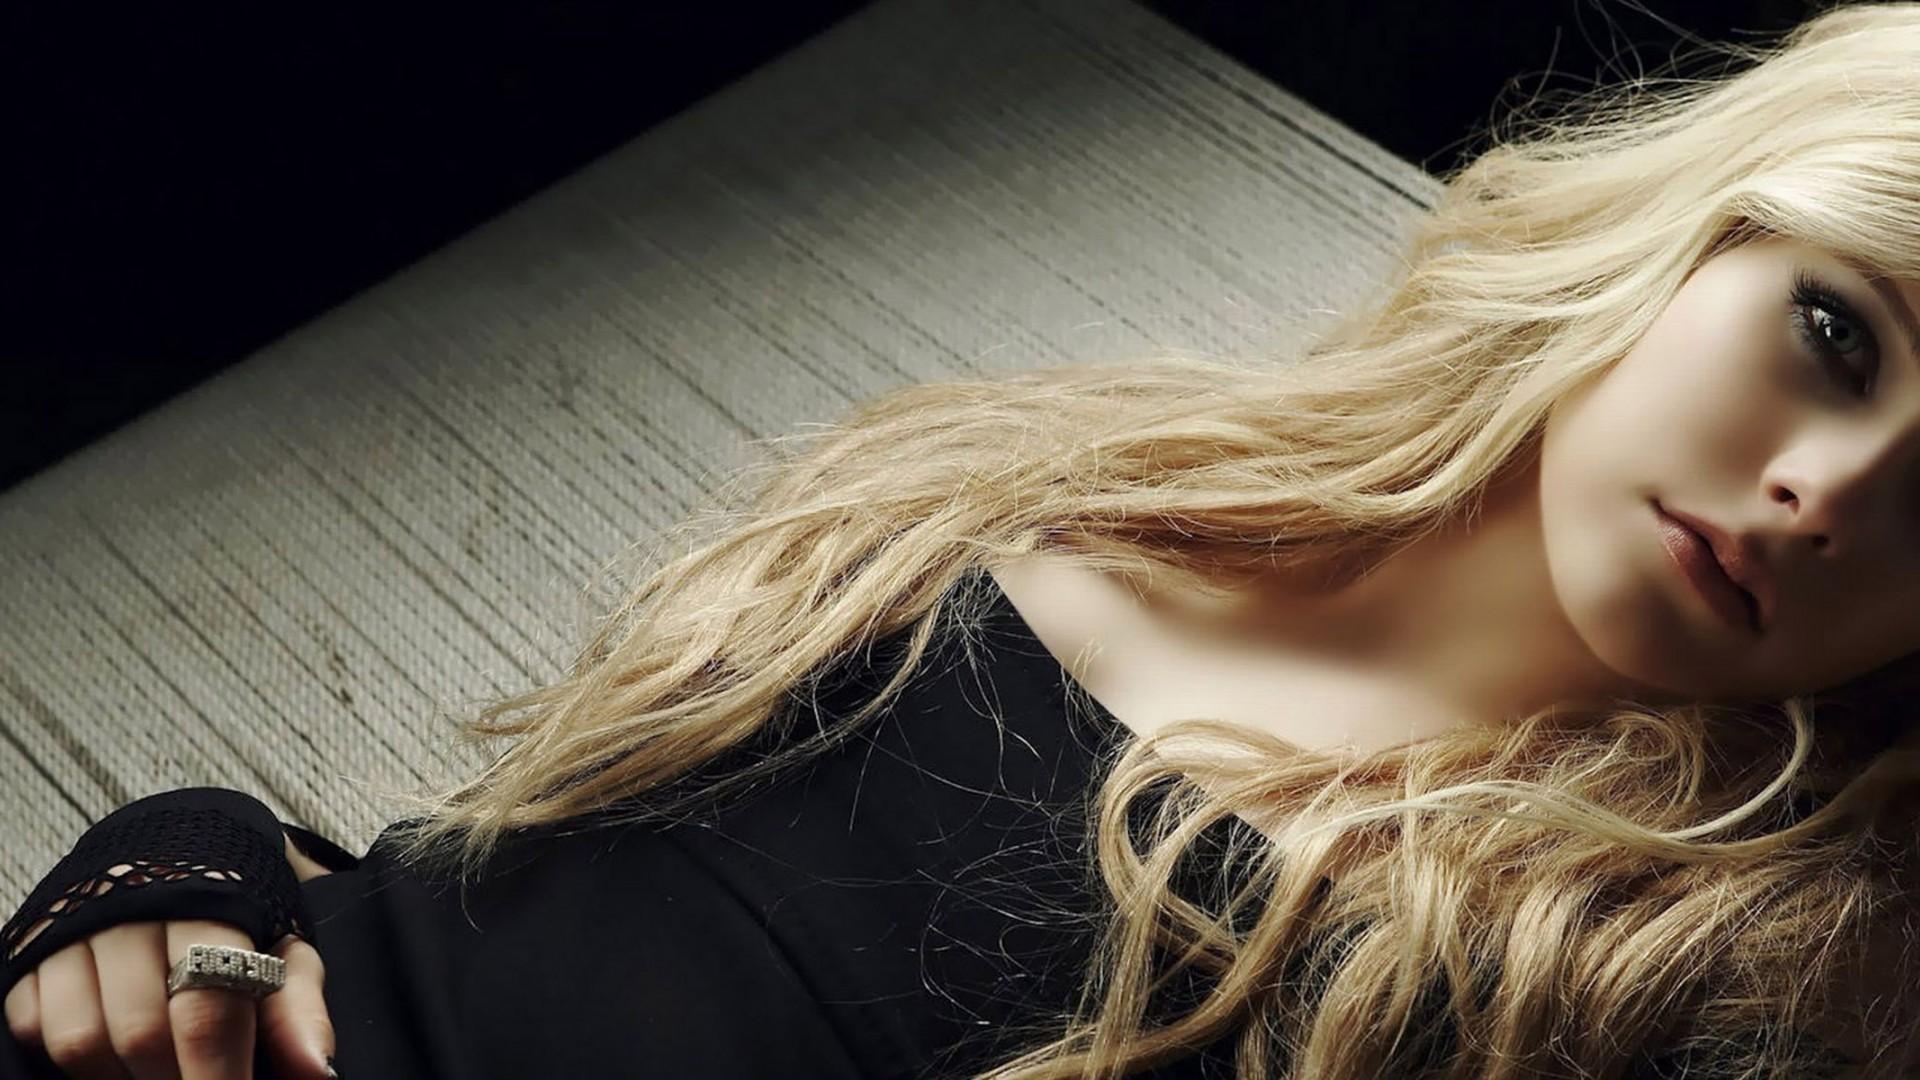 Блондинки фото на аву, молодая волосы секс